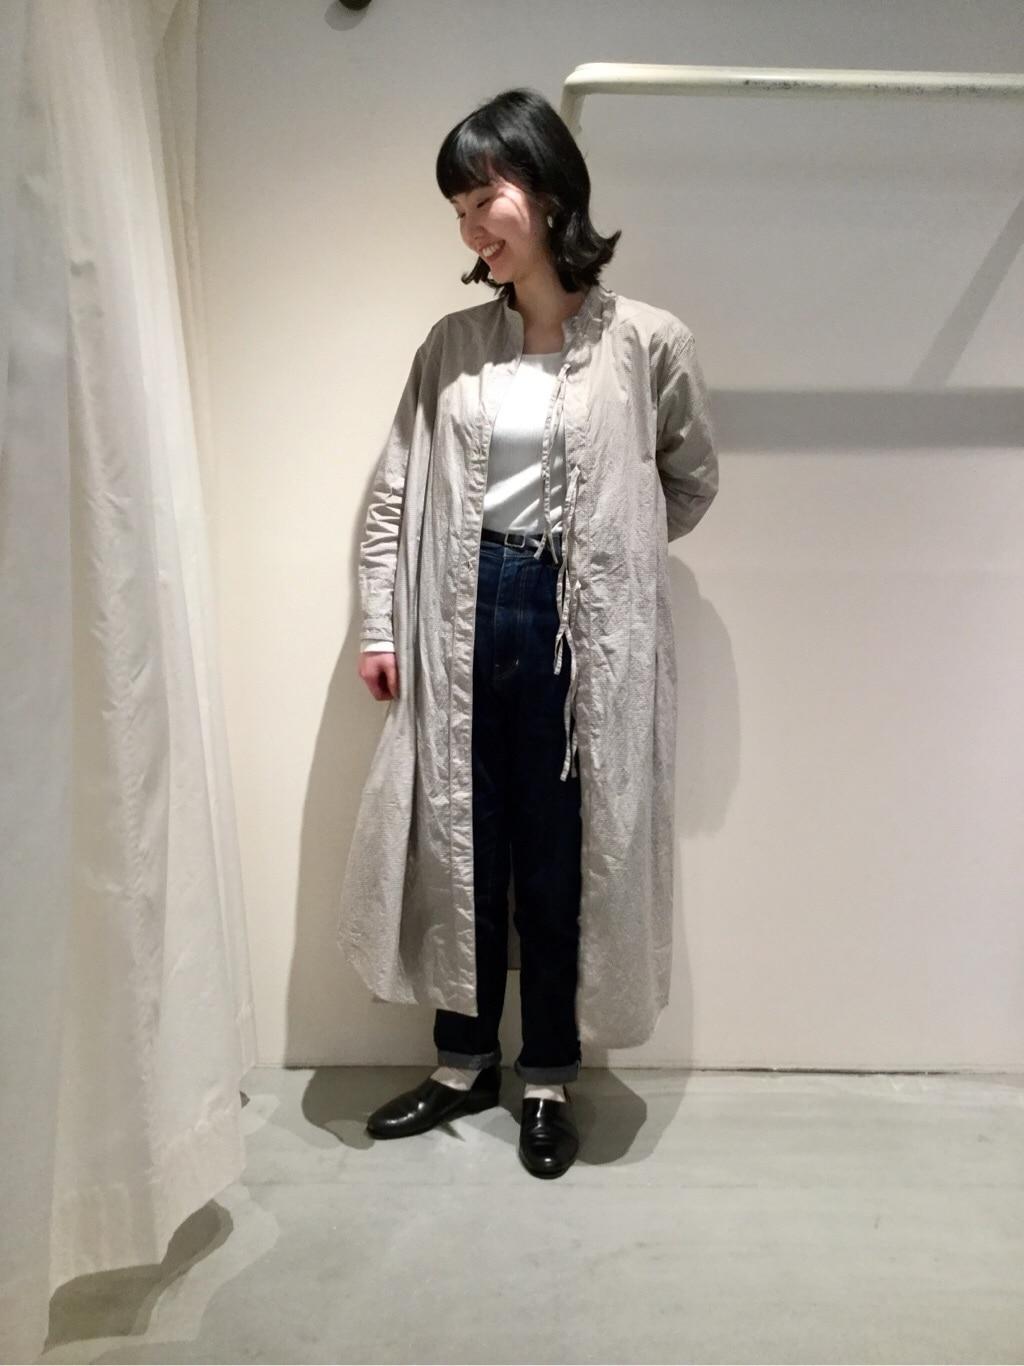 l'atelier du savon 代官山路面 身長:158cm 2020.01.29